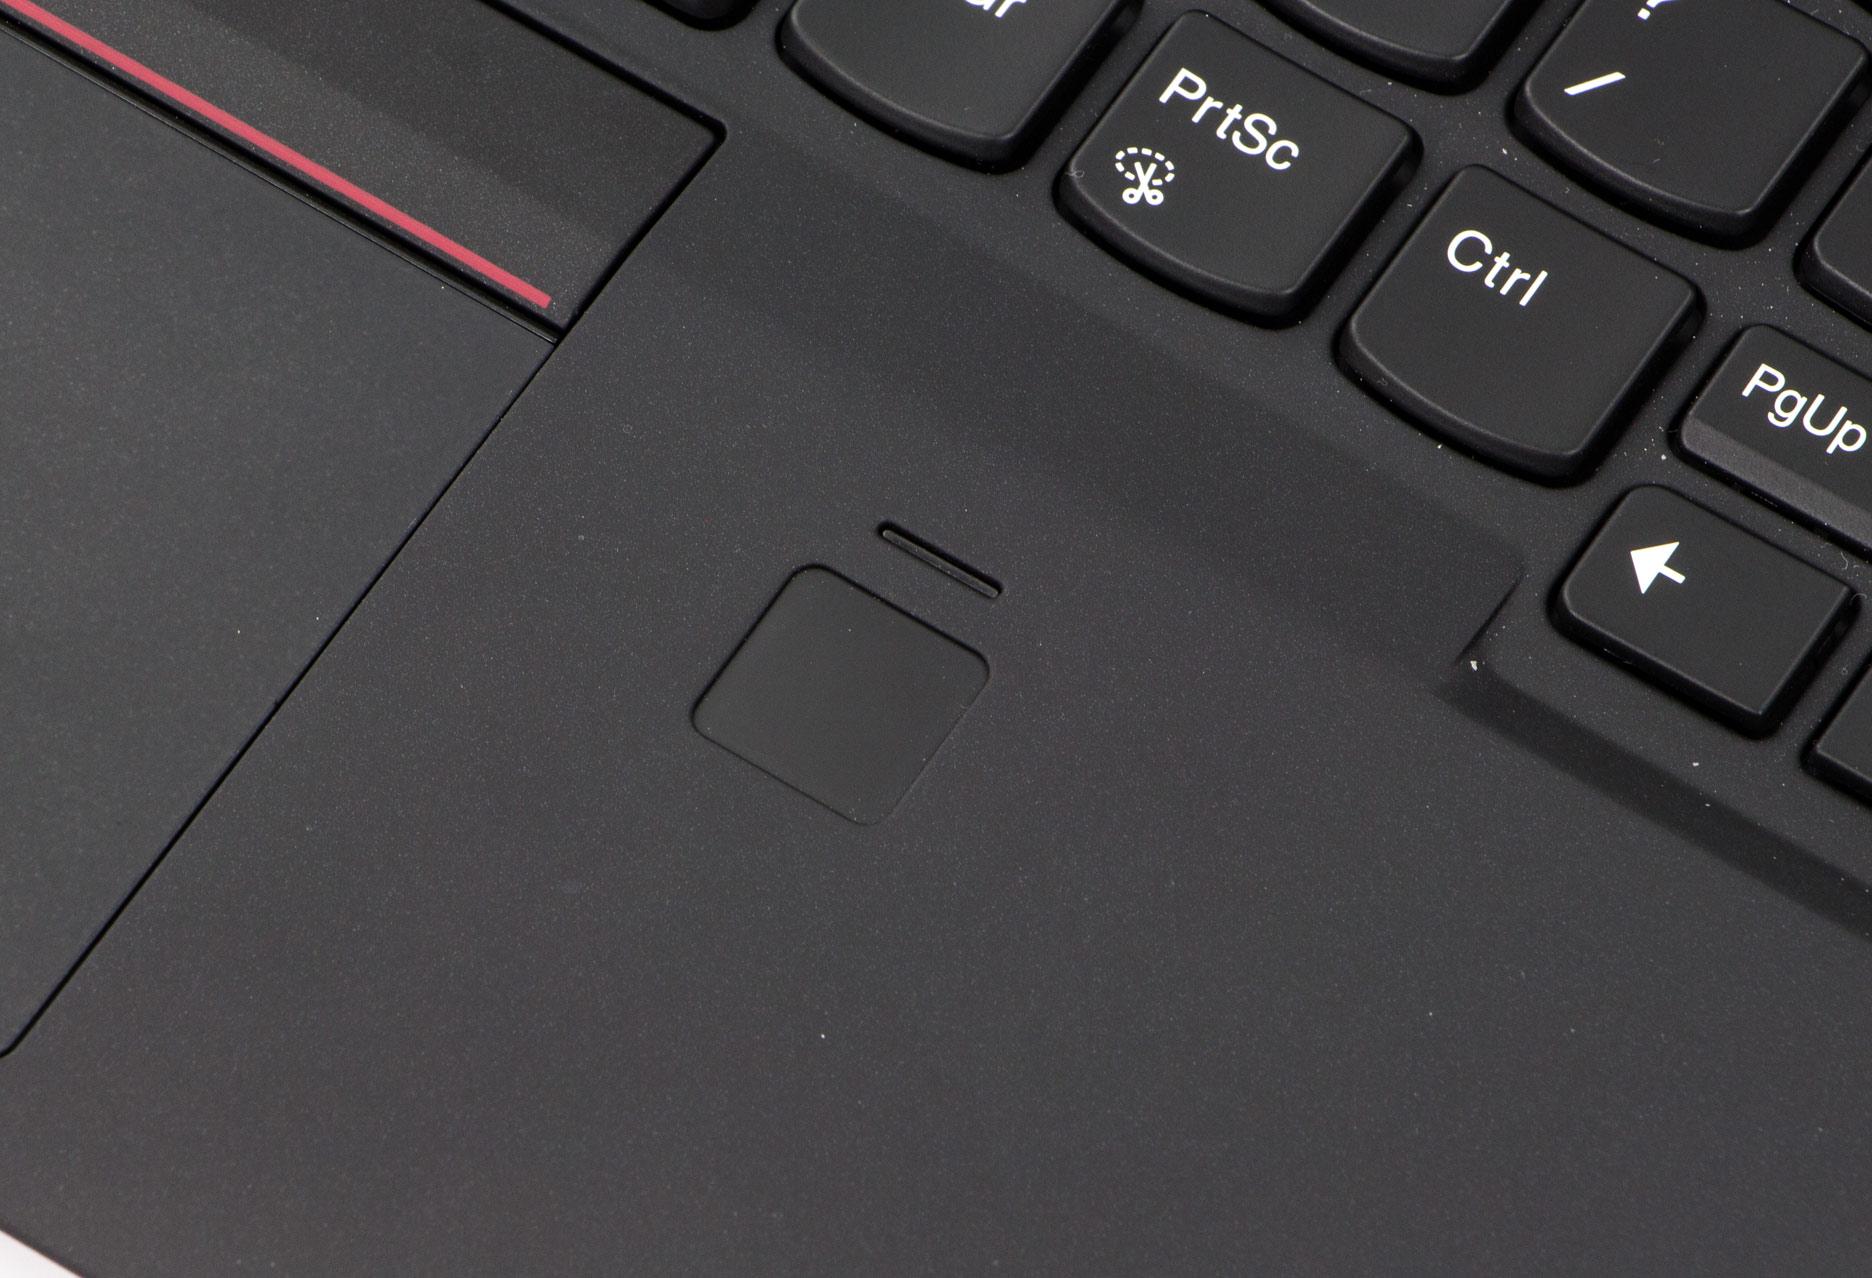 Lenovo ThinkPad X1 Carbon 5 czytnik linii papilarnych